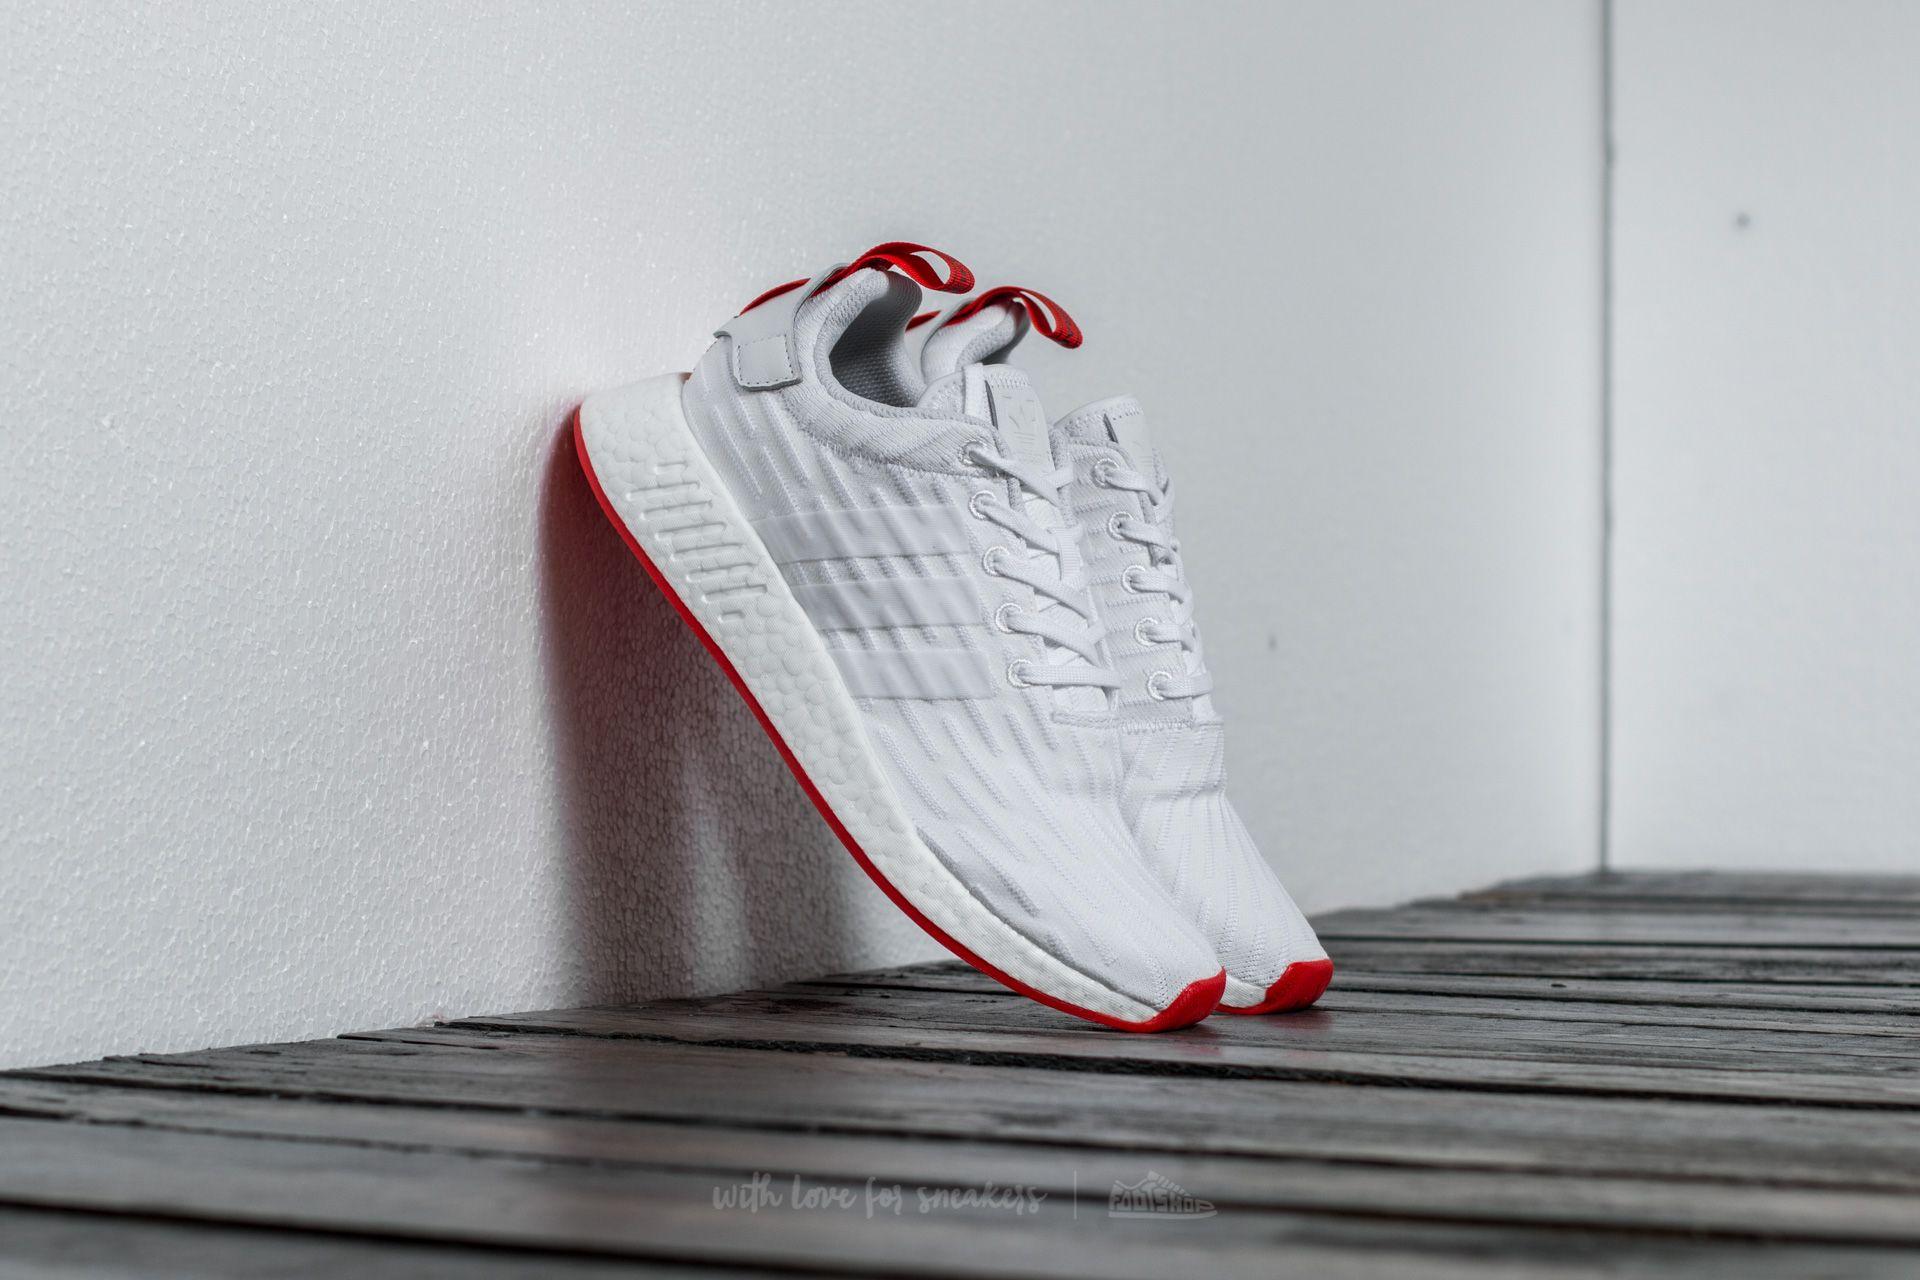 c5e7de2624f2e adidas NMD R2 Primeknit Ftw White  Ftw White  Core Red